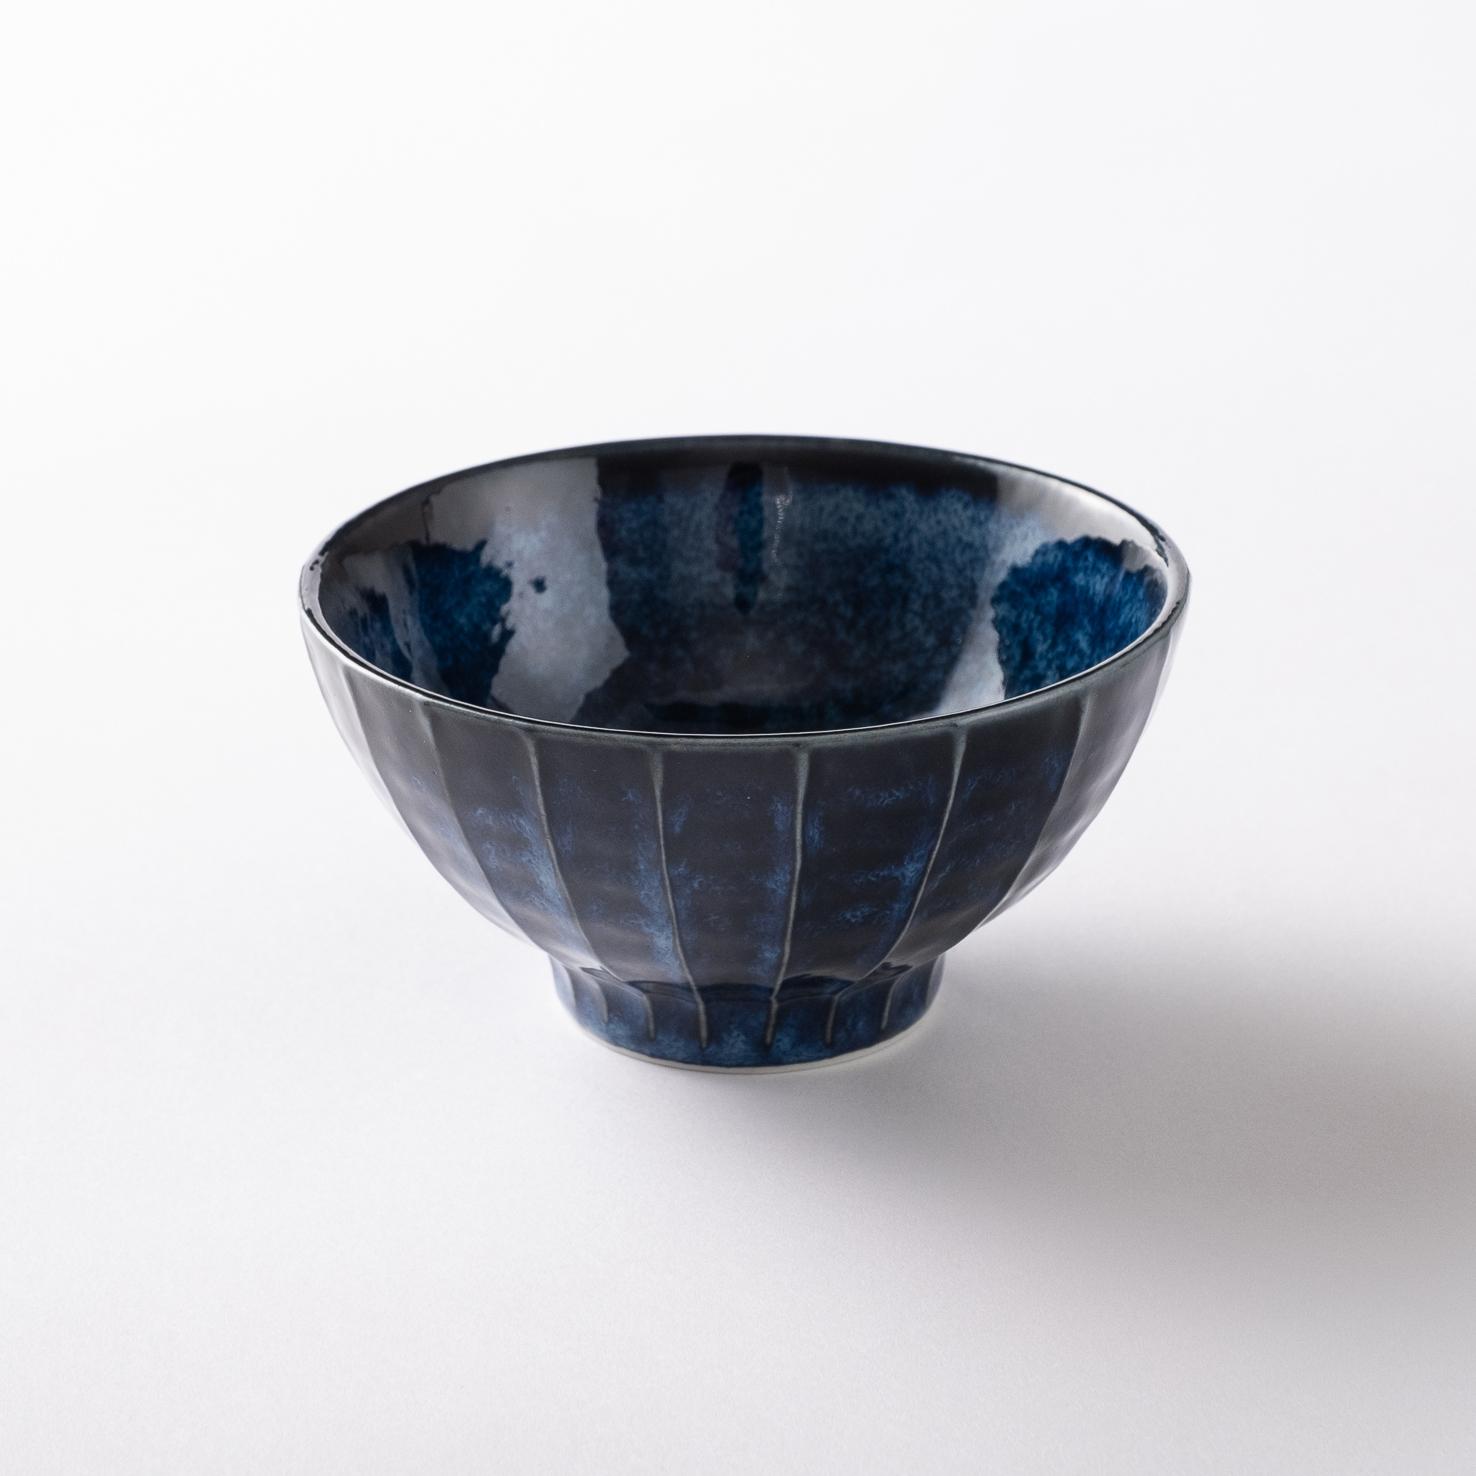 【美濃焼】お茶碗「縞一珍 飯碗 紺碧」